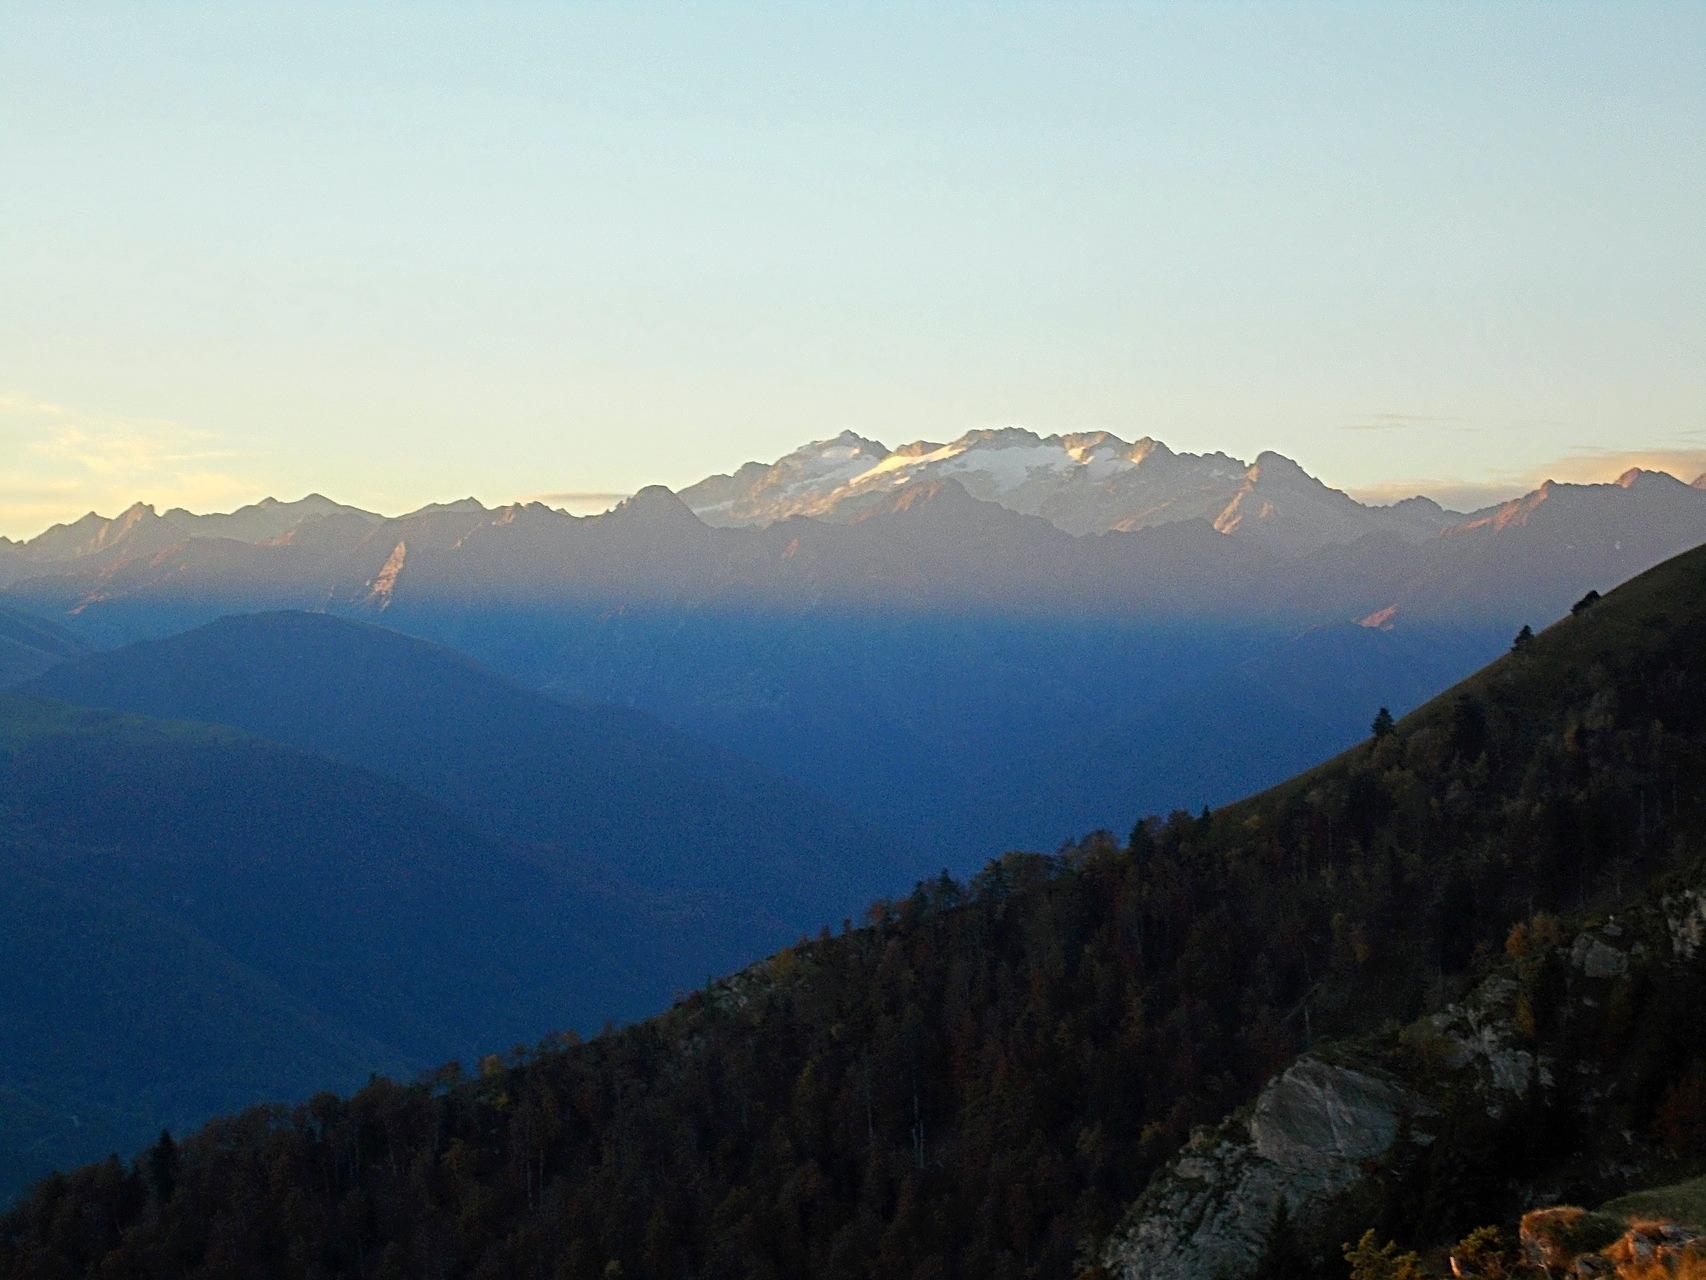 Depuis les estives, vue sur l 'espagne avec en fond le massif de la Maladeta. A sa gauche le Pic d'Aneto et ses 3404m, plus haut sommet des Pyrénées.